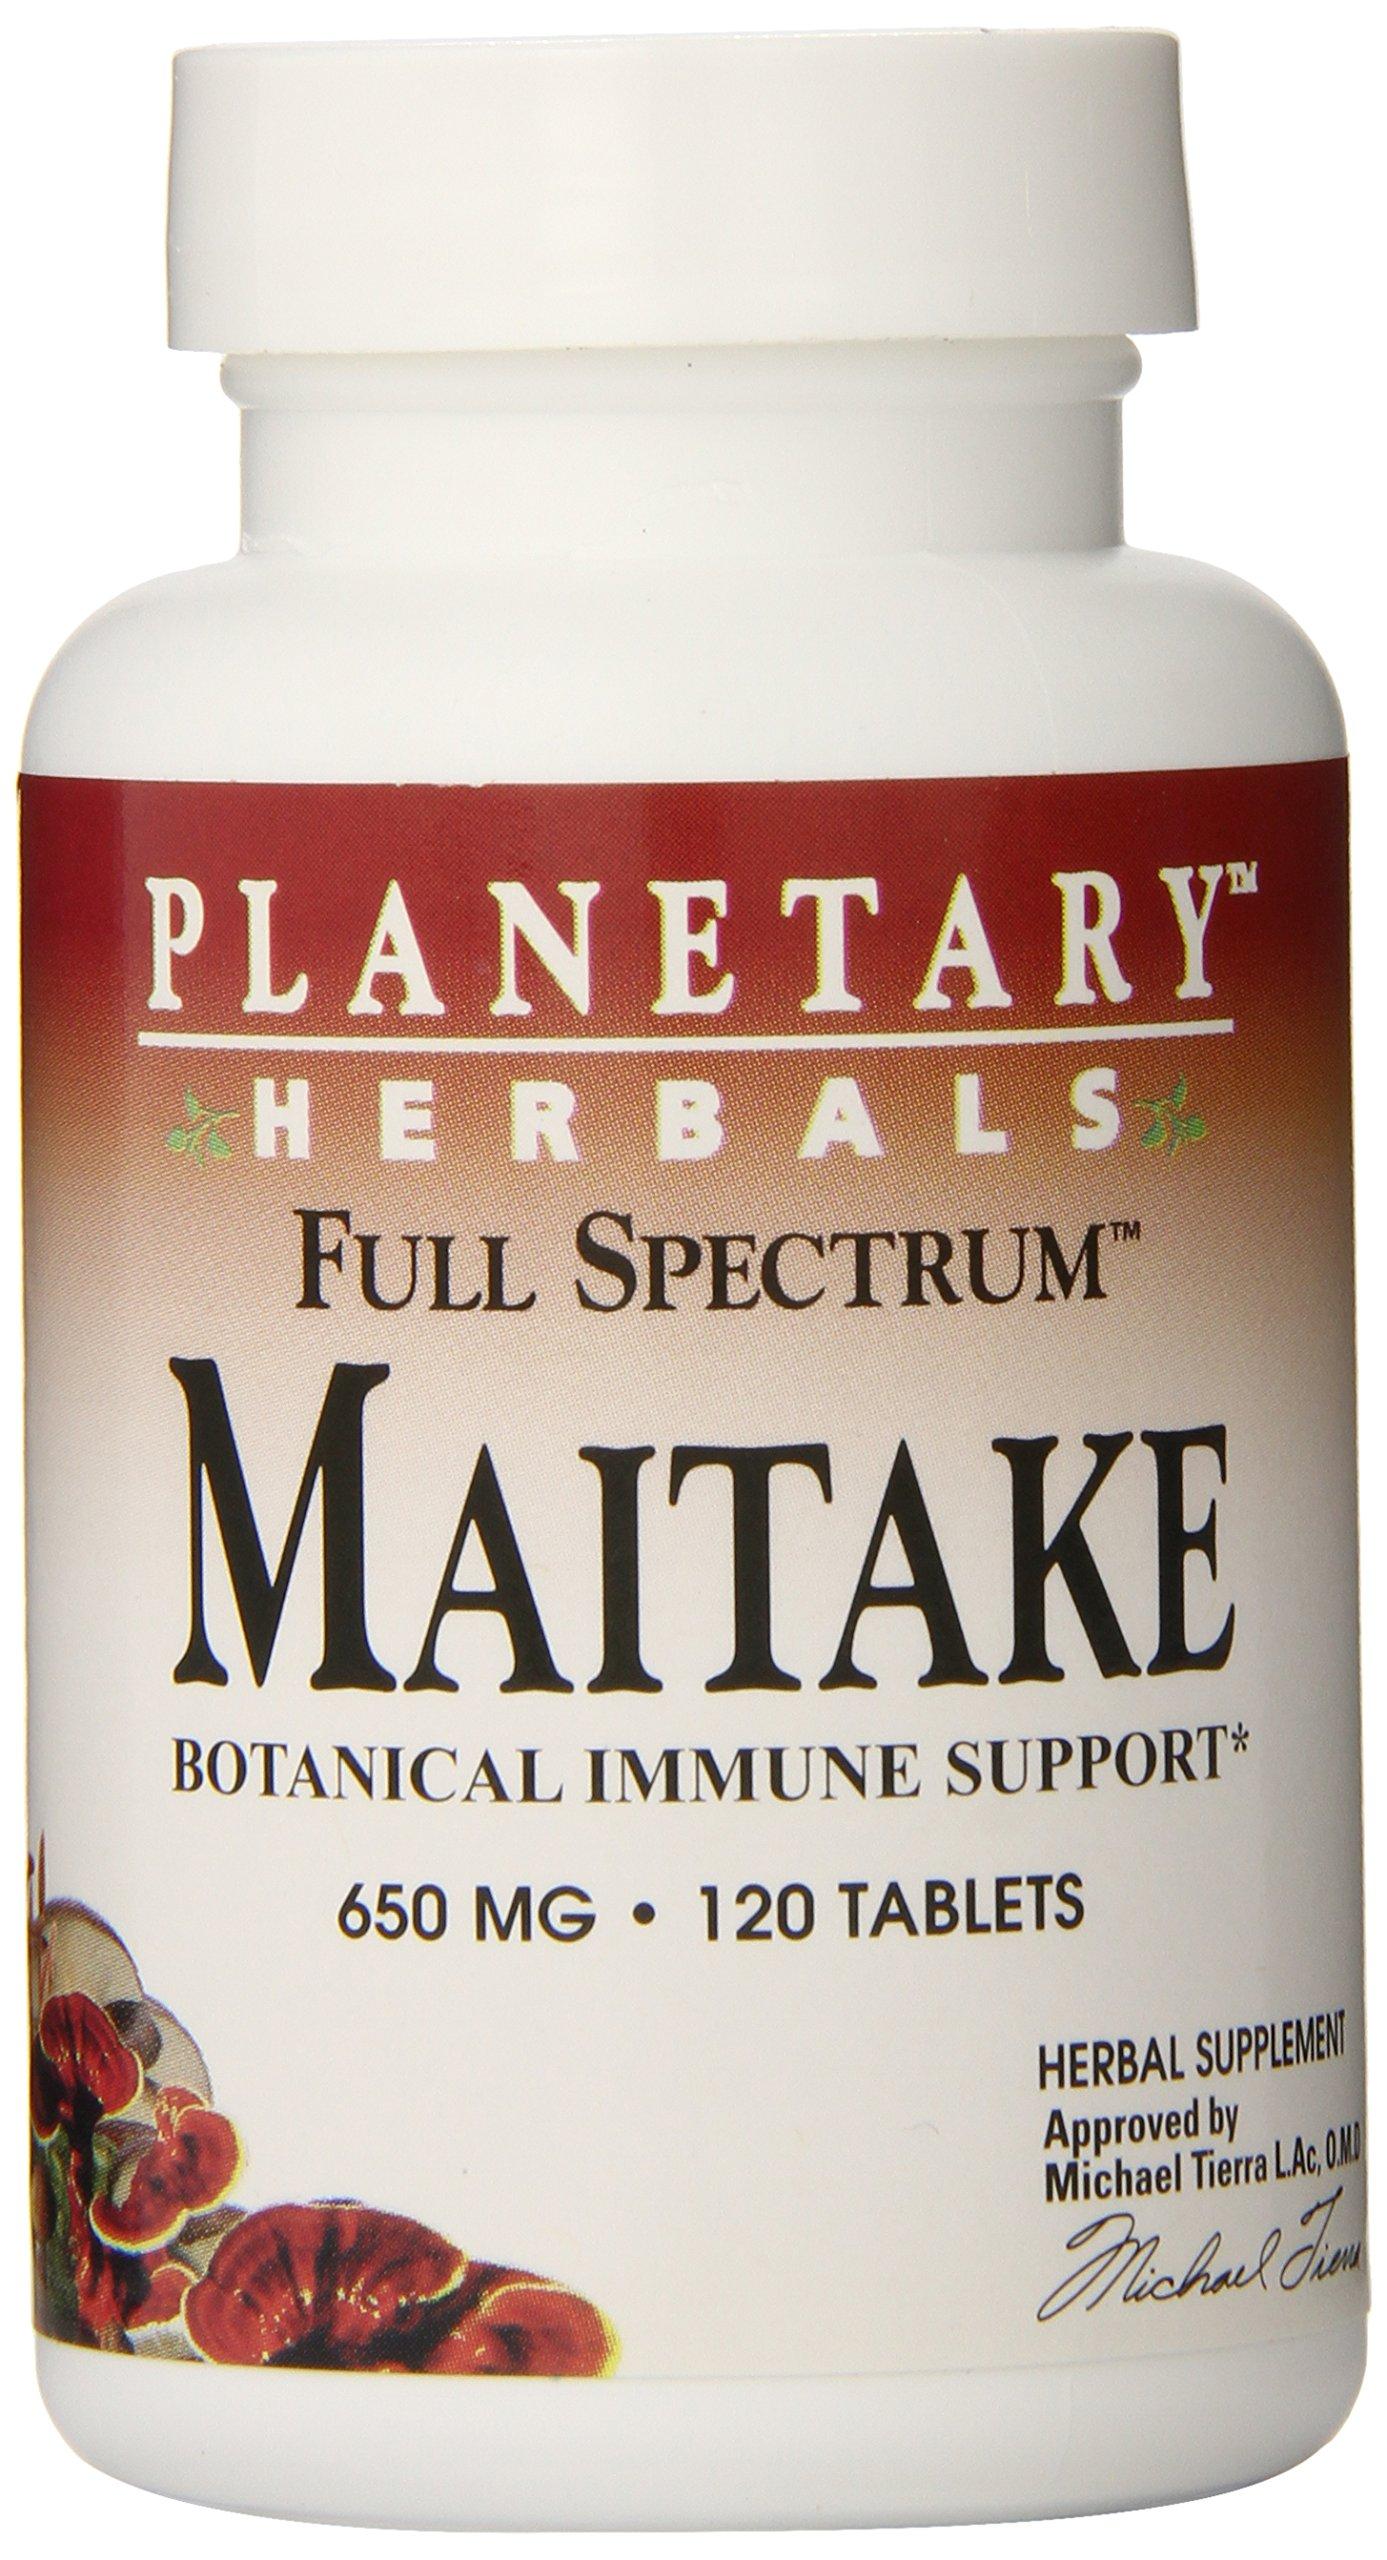 Planetary Herbals Maitake Full Spectrum 650mg, Botanical Immune Support